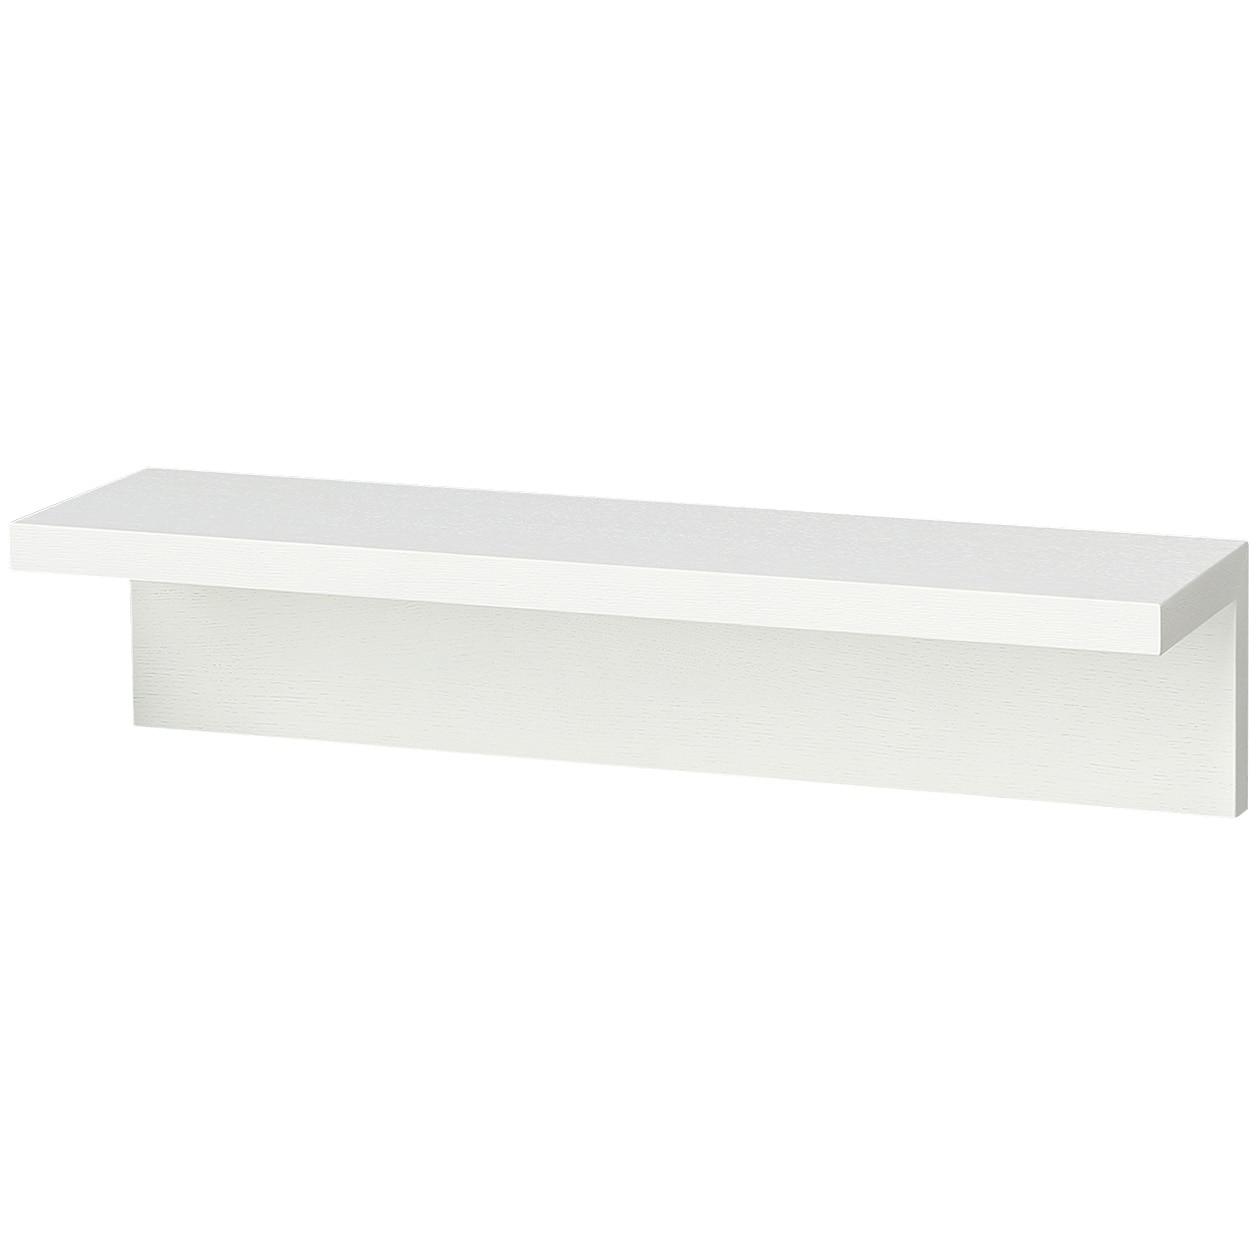 壁に付けられる家具・棚・幅44cm・タモ材/ライトグレー